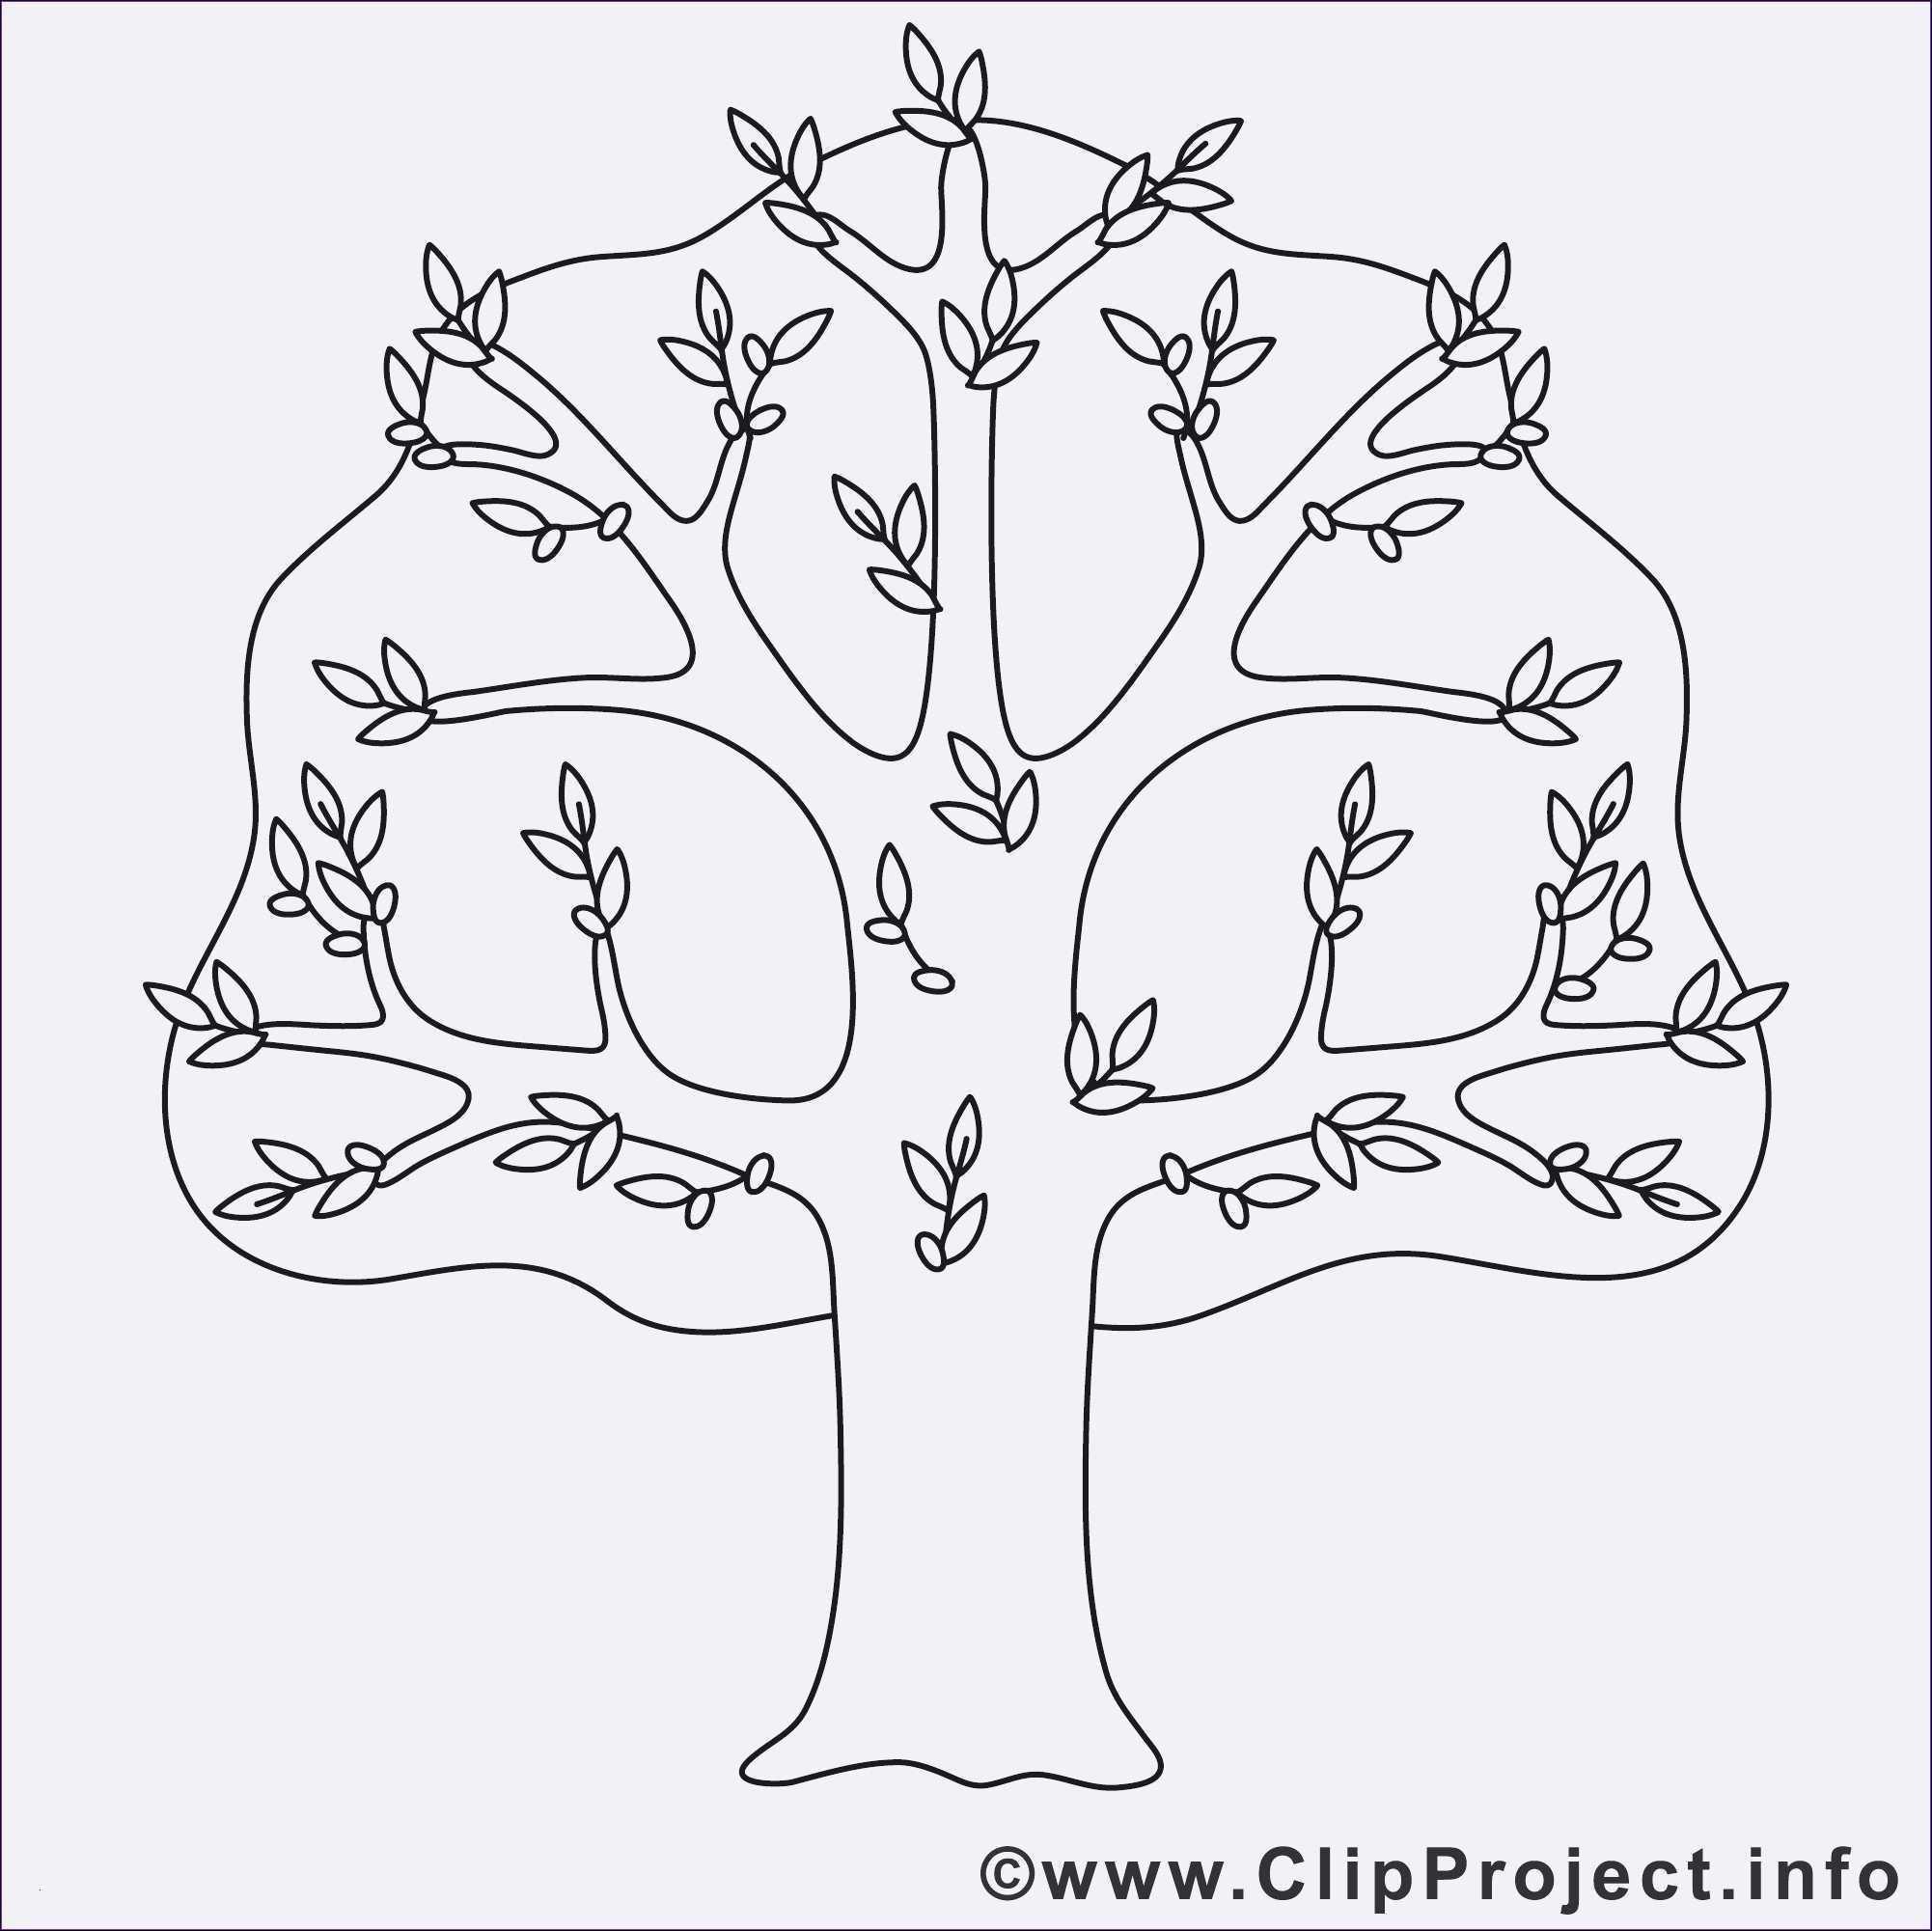 Neu Bastelvorlage Baum Farbung Malvorlagen Malvorlagenfurkinder Baum Vorlage Malvorlagen Bilder Zum Ausmalen Fur Kinder